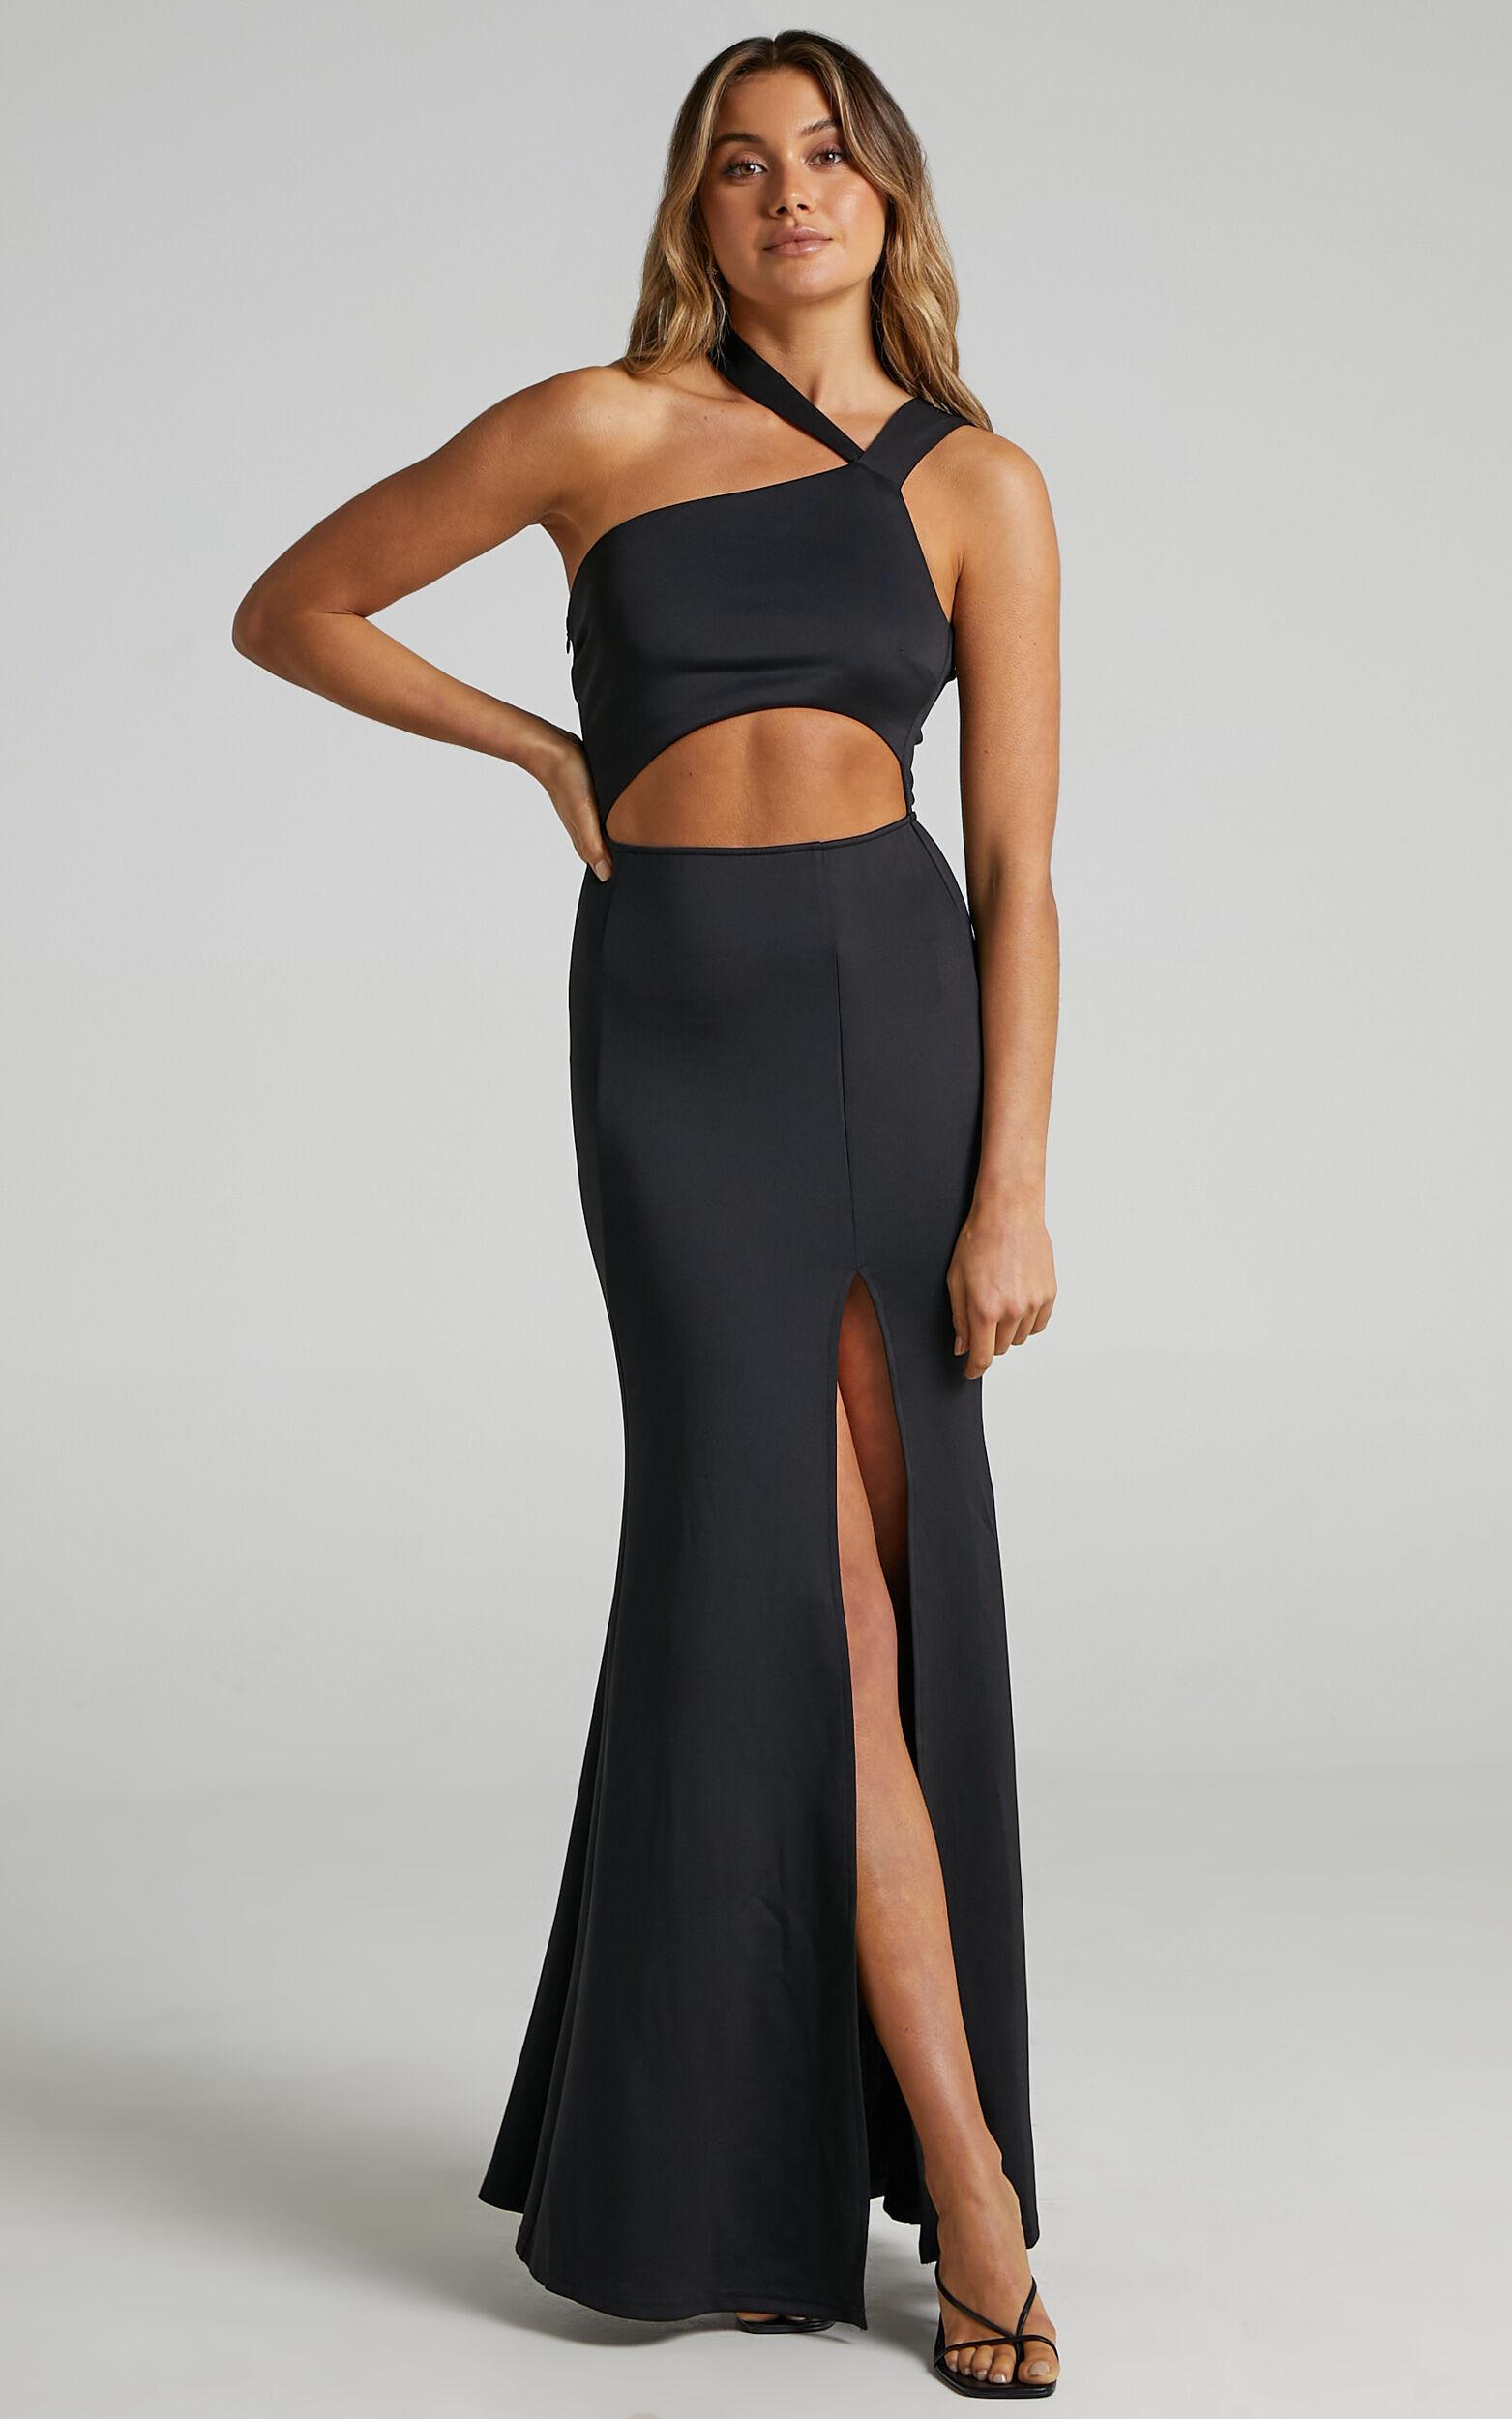 Mora One Shoulder Maxi Dress in Black - 04, BLK1, super-hi-res image number null